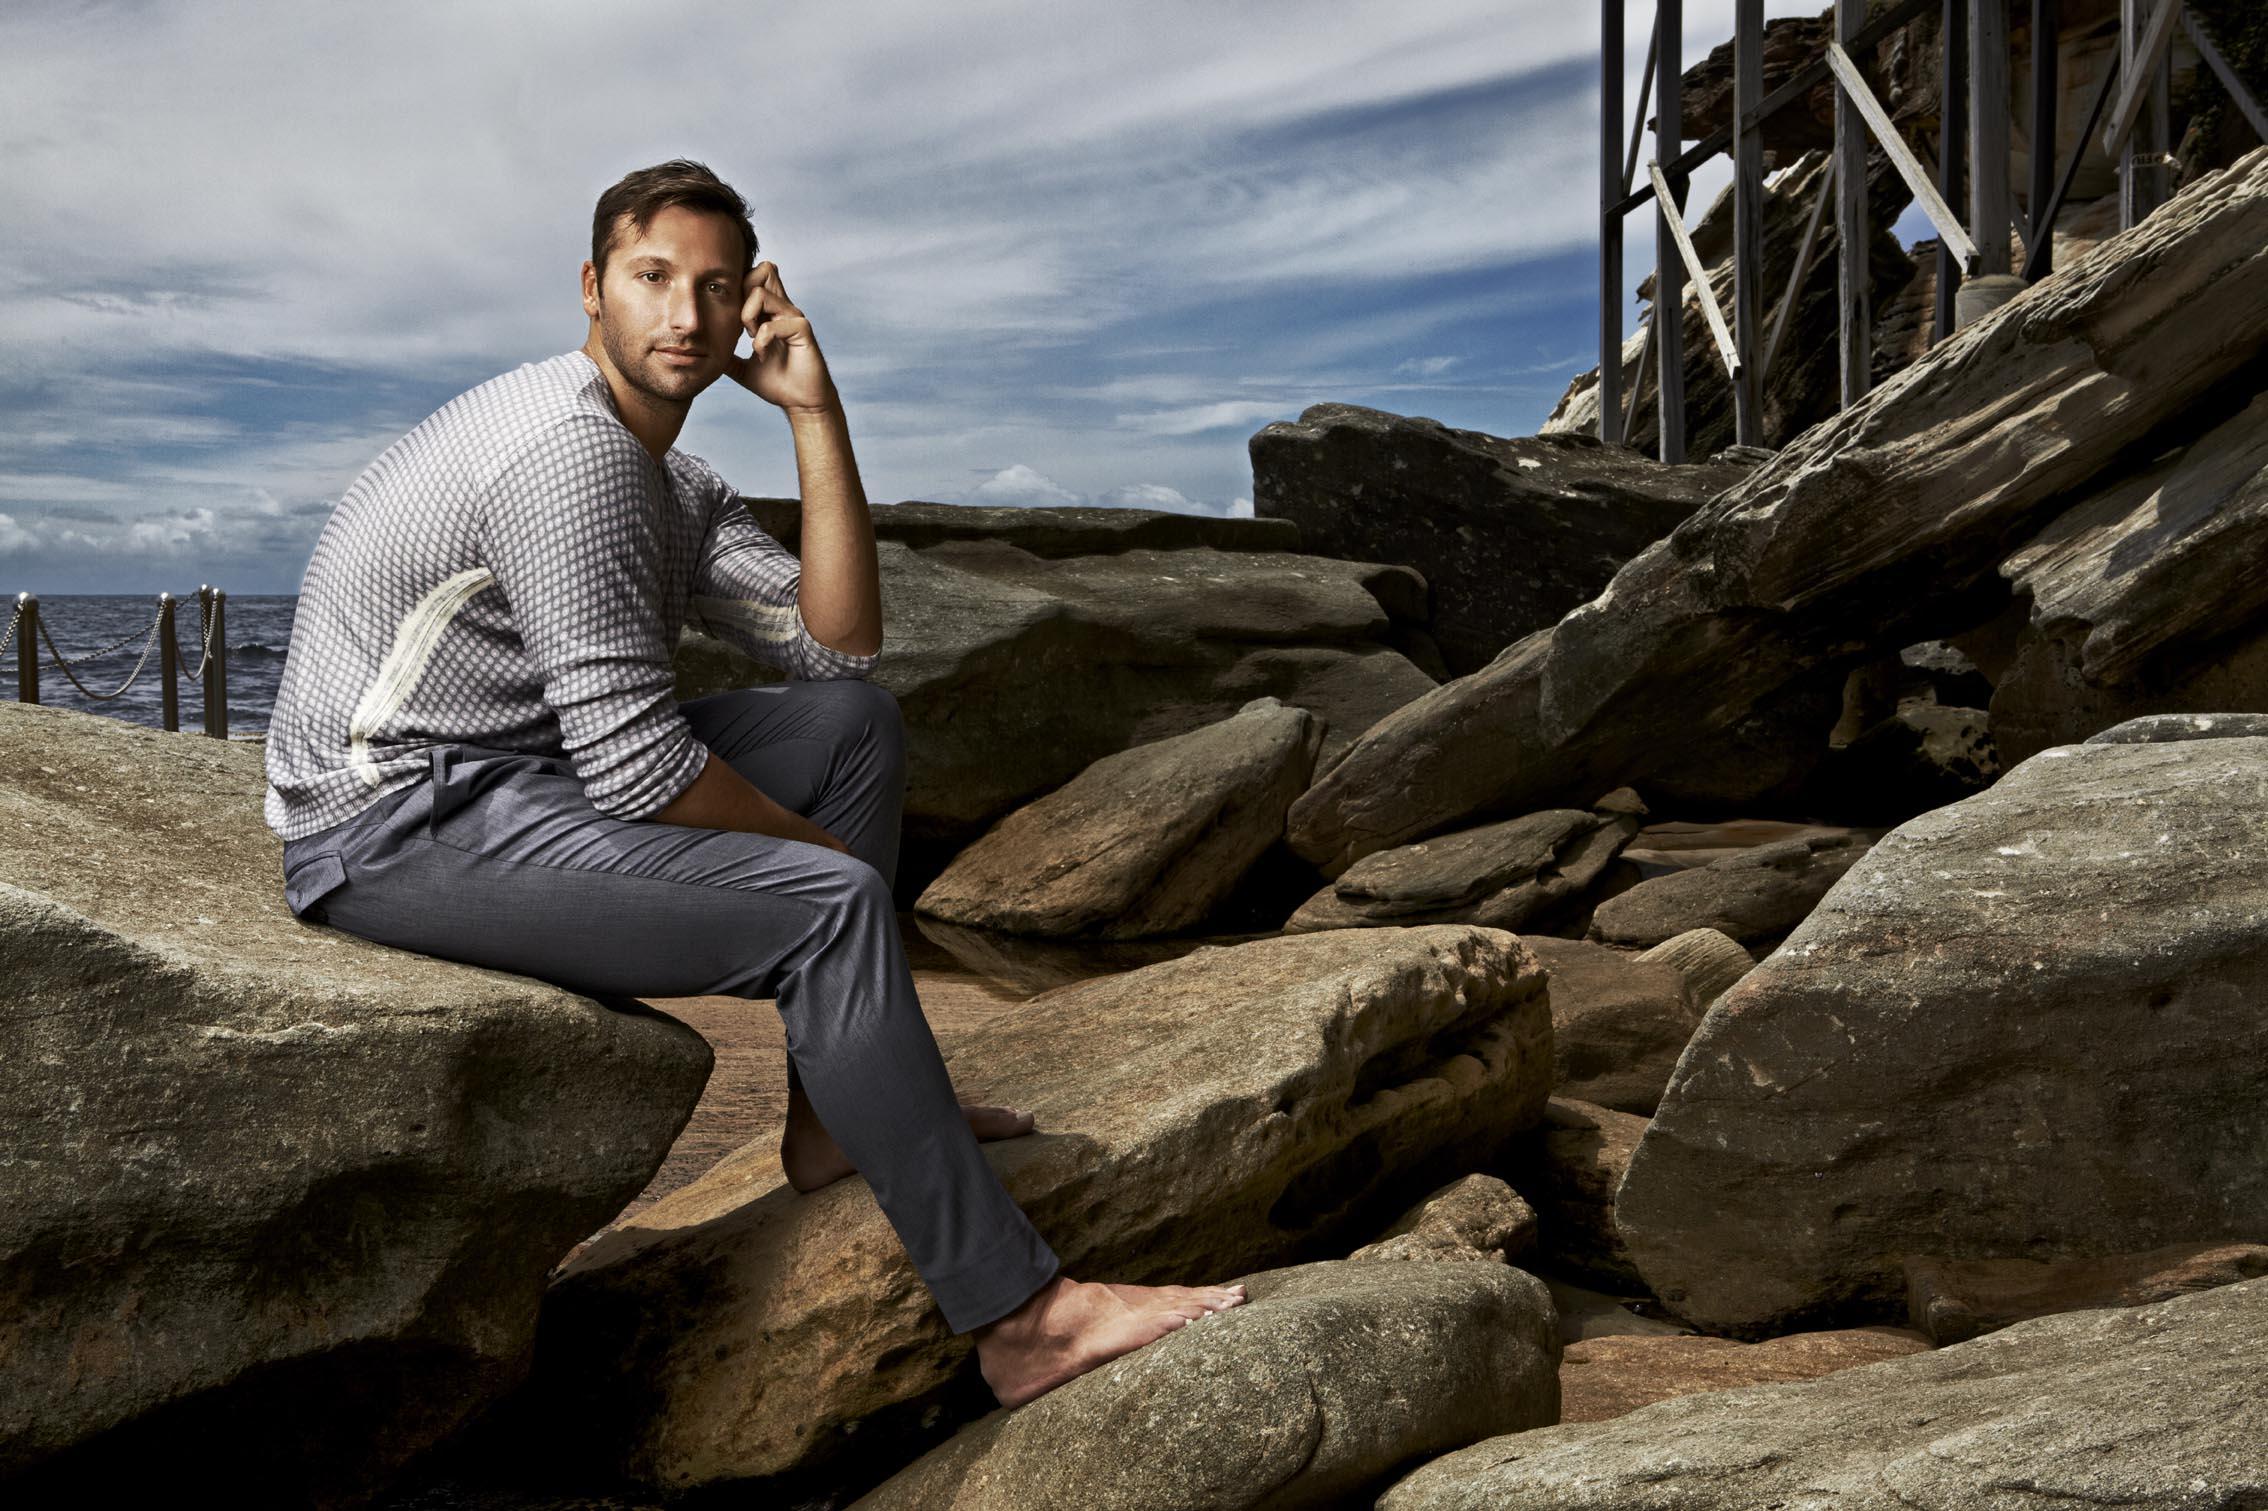 Ünlü Yüzücü Ian Thorpe 'Keşke Gay Olduğumu Daha Önce Açıklasaydım'